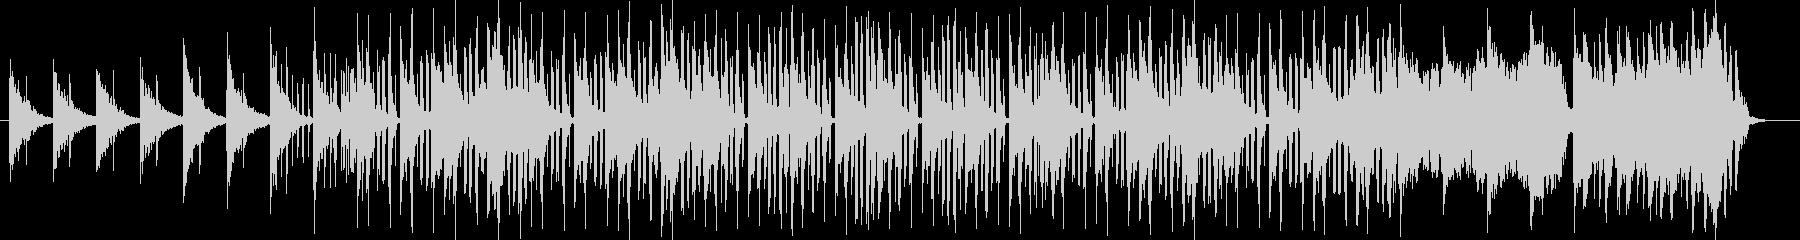 爽やかな透き通るシンセのの音色の曲の未再生の波形